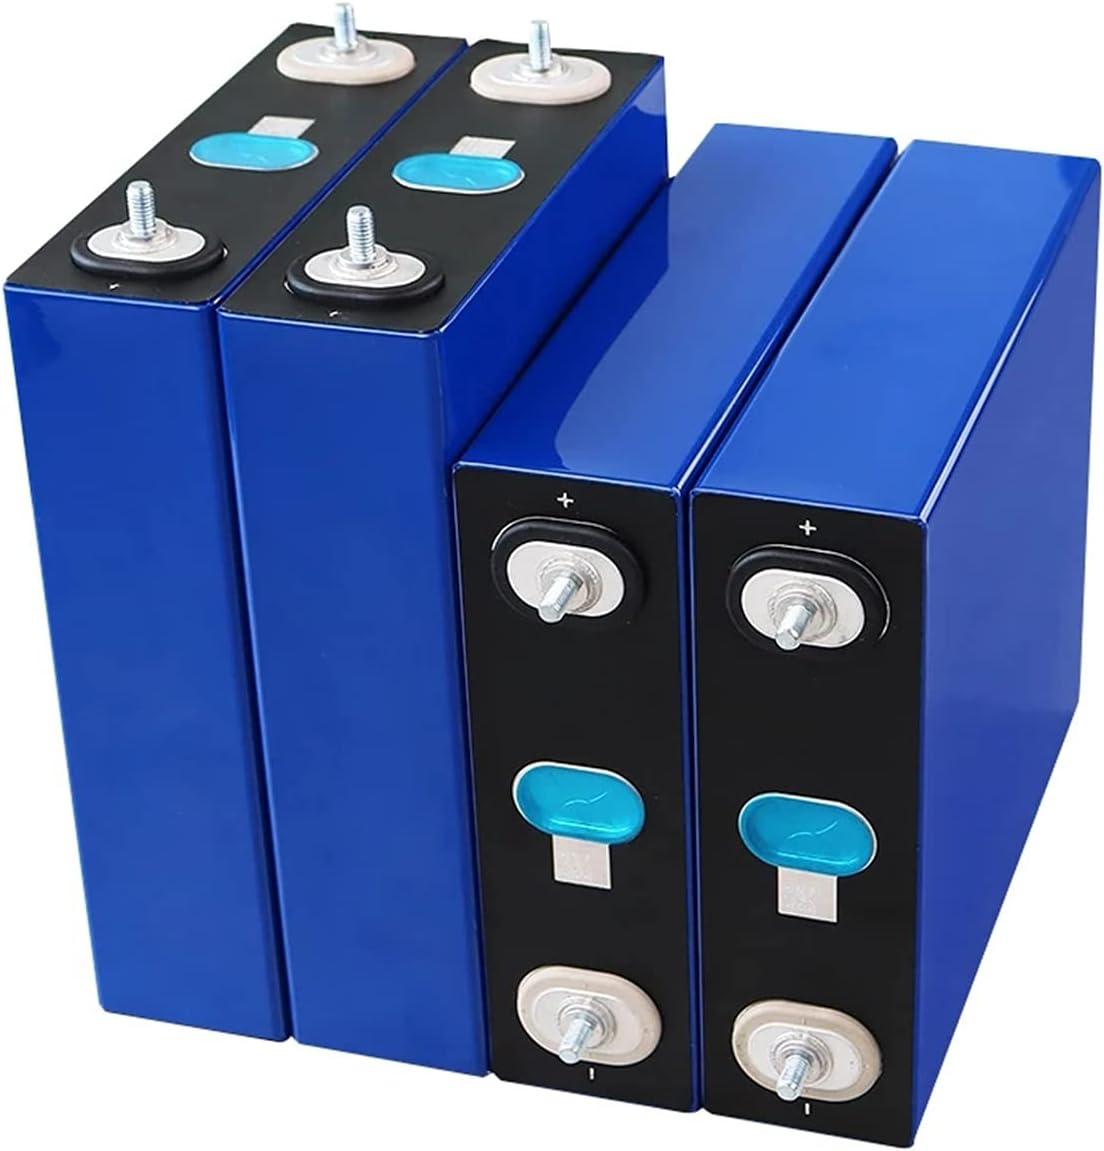 OANCO 4 Uds 3,2V 230Ah LiFePO4 Batería De Fosfa De Litio De Gran Capacidad DIY 12V 24V 48V Coche Eléctrico RV Sistema De Almacenamiento De Energía Solar